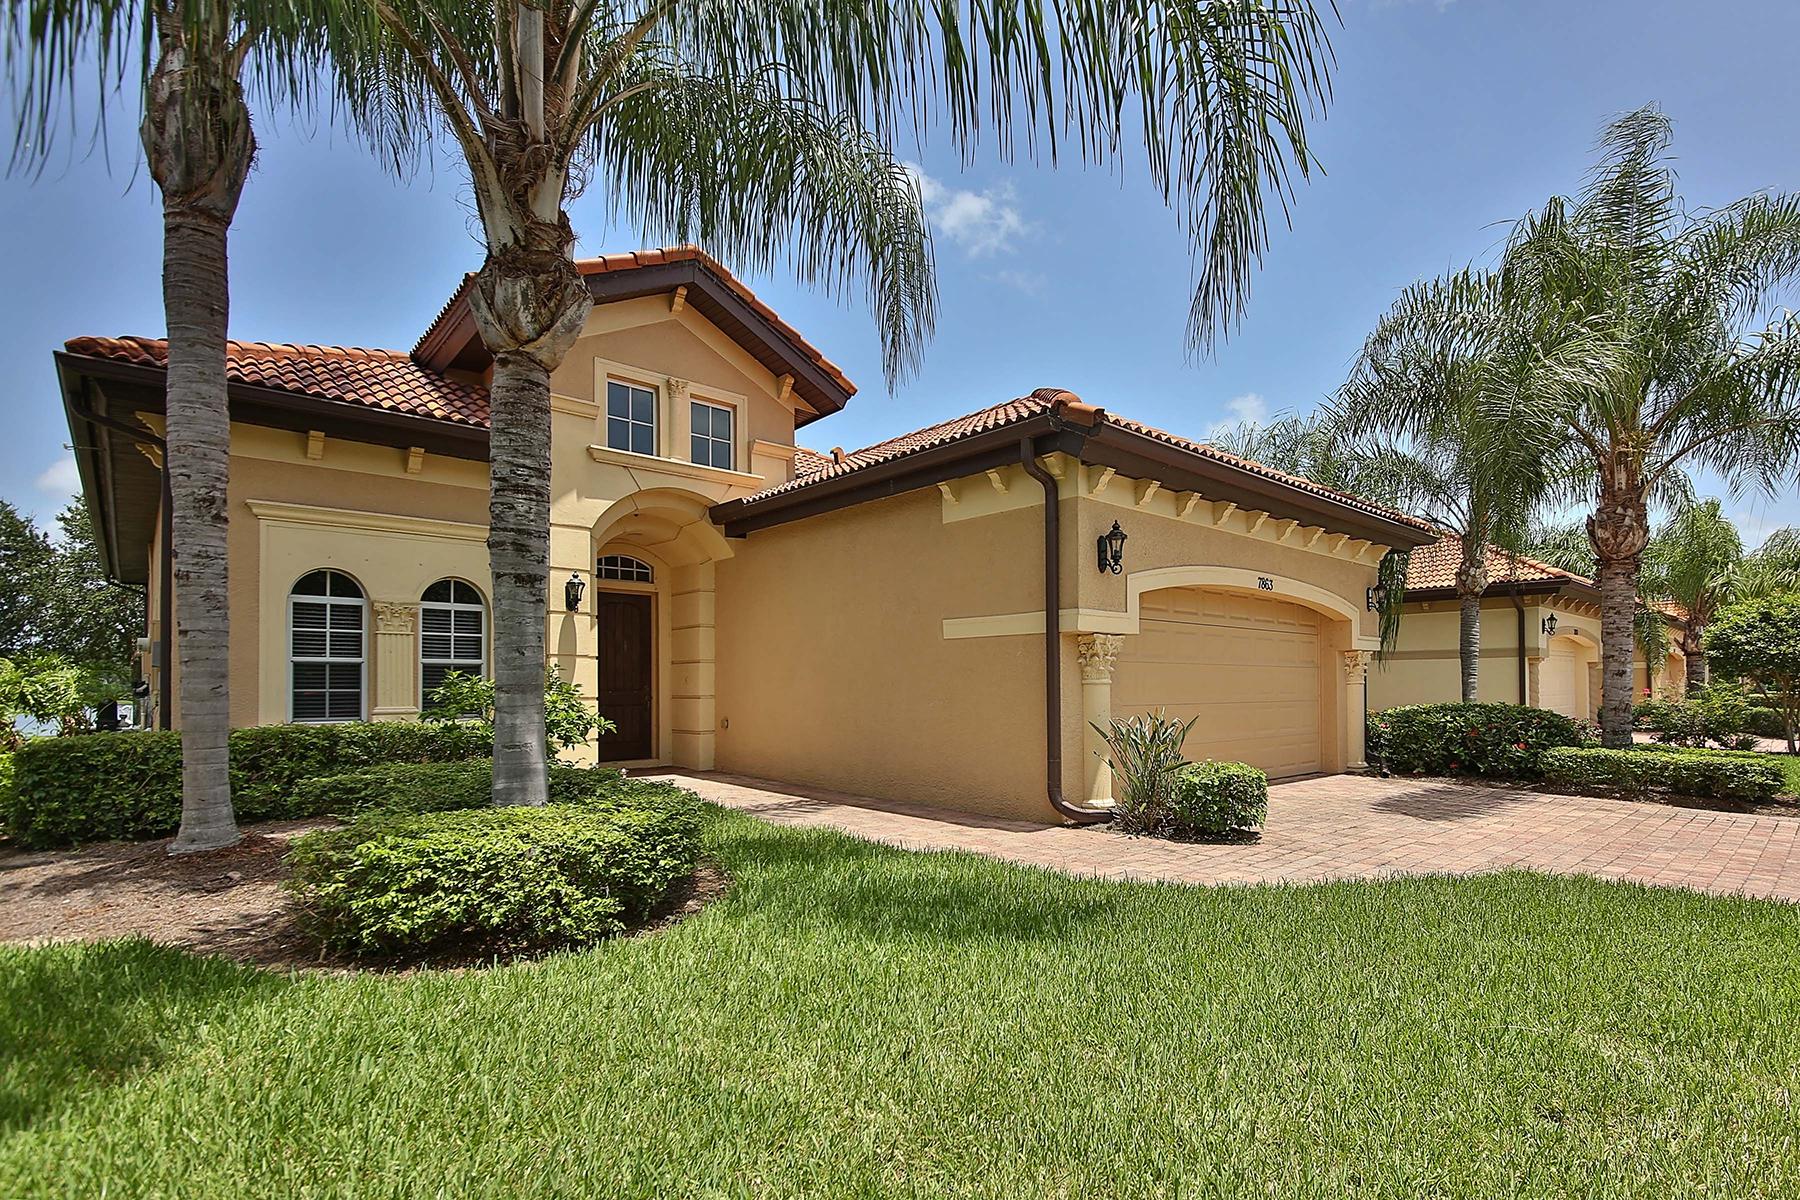 一戸建て のために 賃貸 アット LELY RESORT - ASHTON PLACE 7863 Valencia Ct Naples, フロリダ 34113 アメリカ合衆国